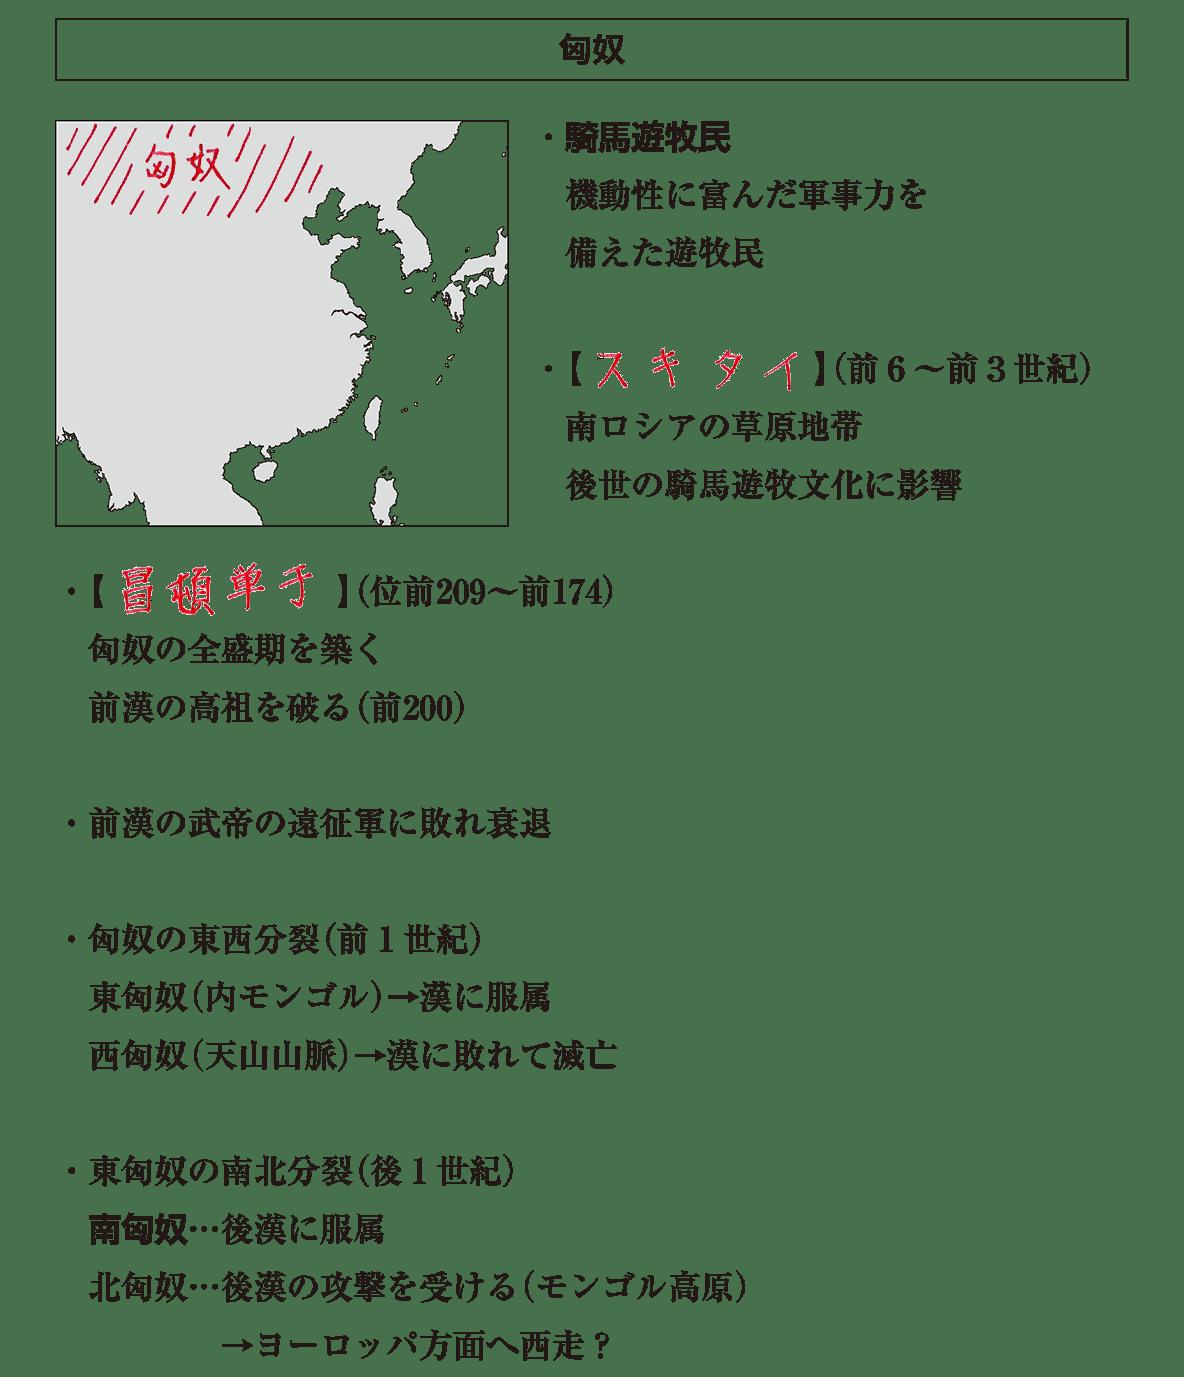 高校世界史 中国周辺地域史1 ポ1 答え全部